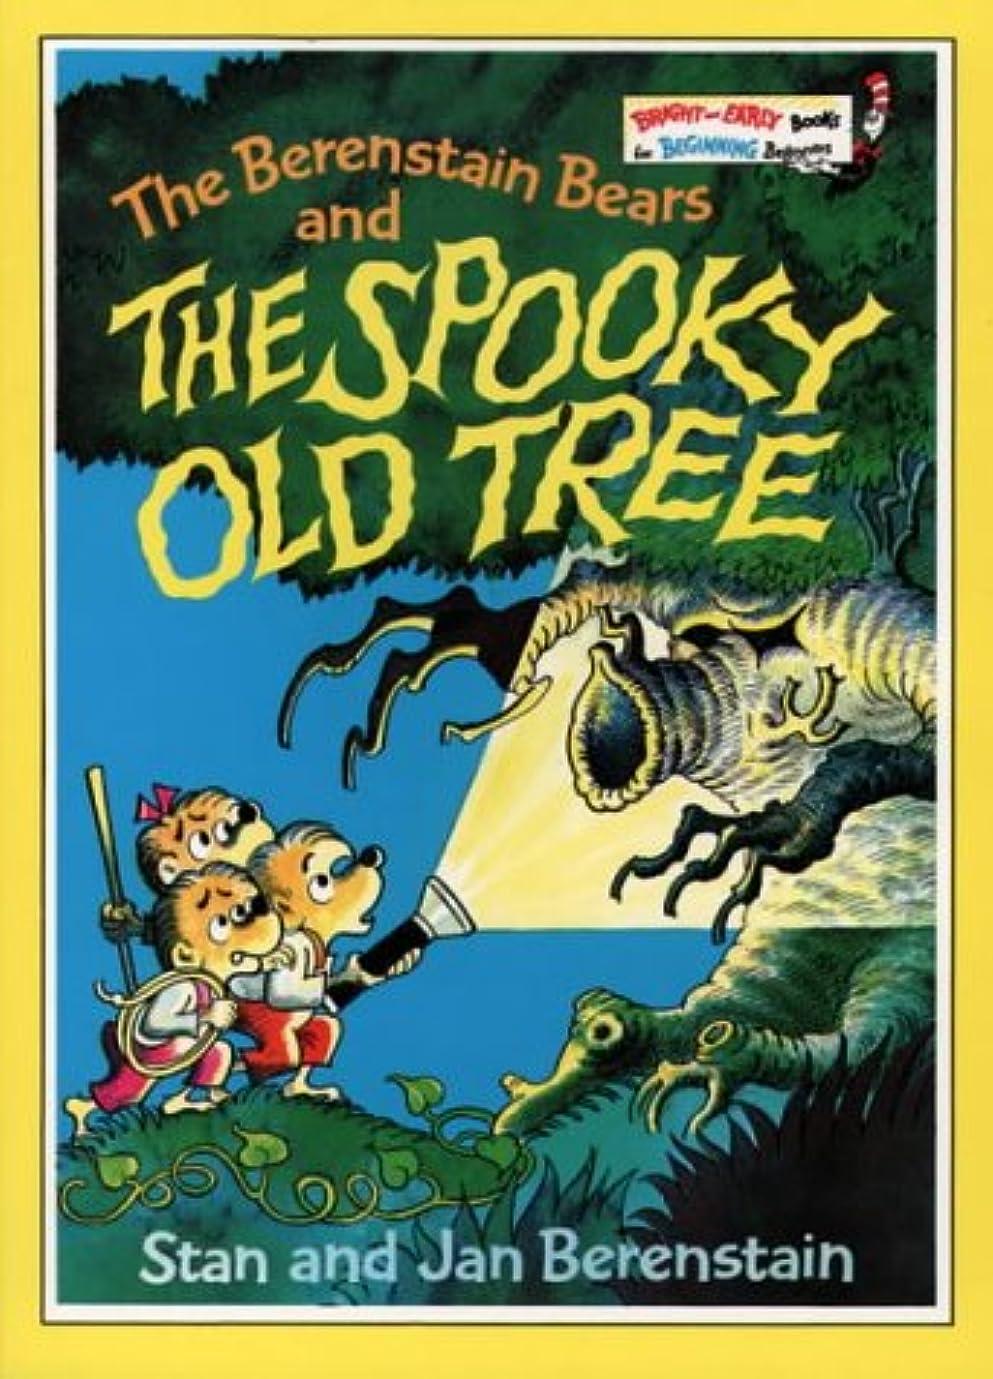 検出ポルノひどくThe Berenstain Bears and the Spooky Old Tree (Bright and Early Books)